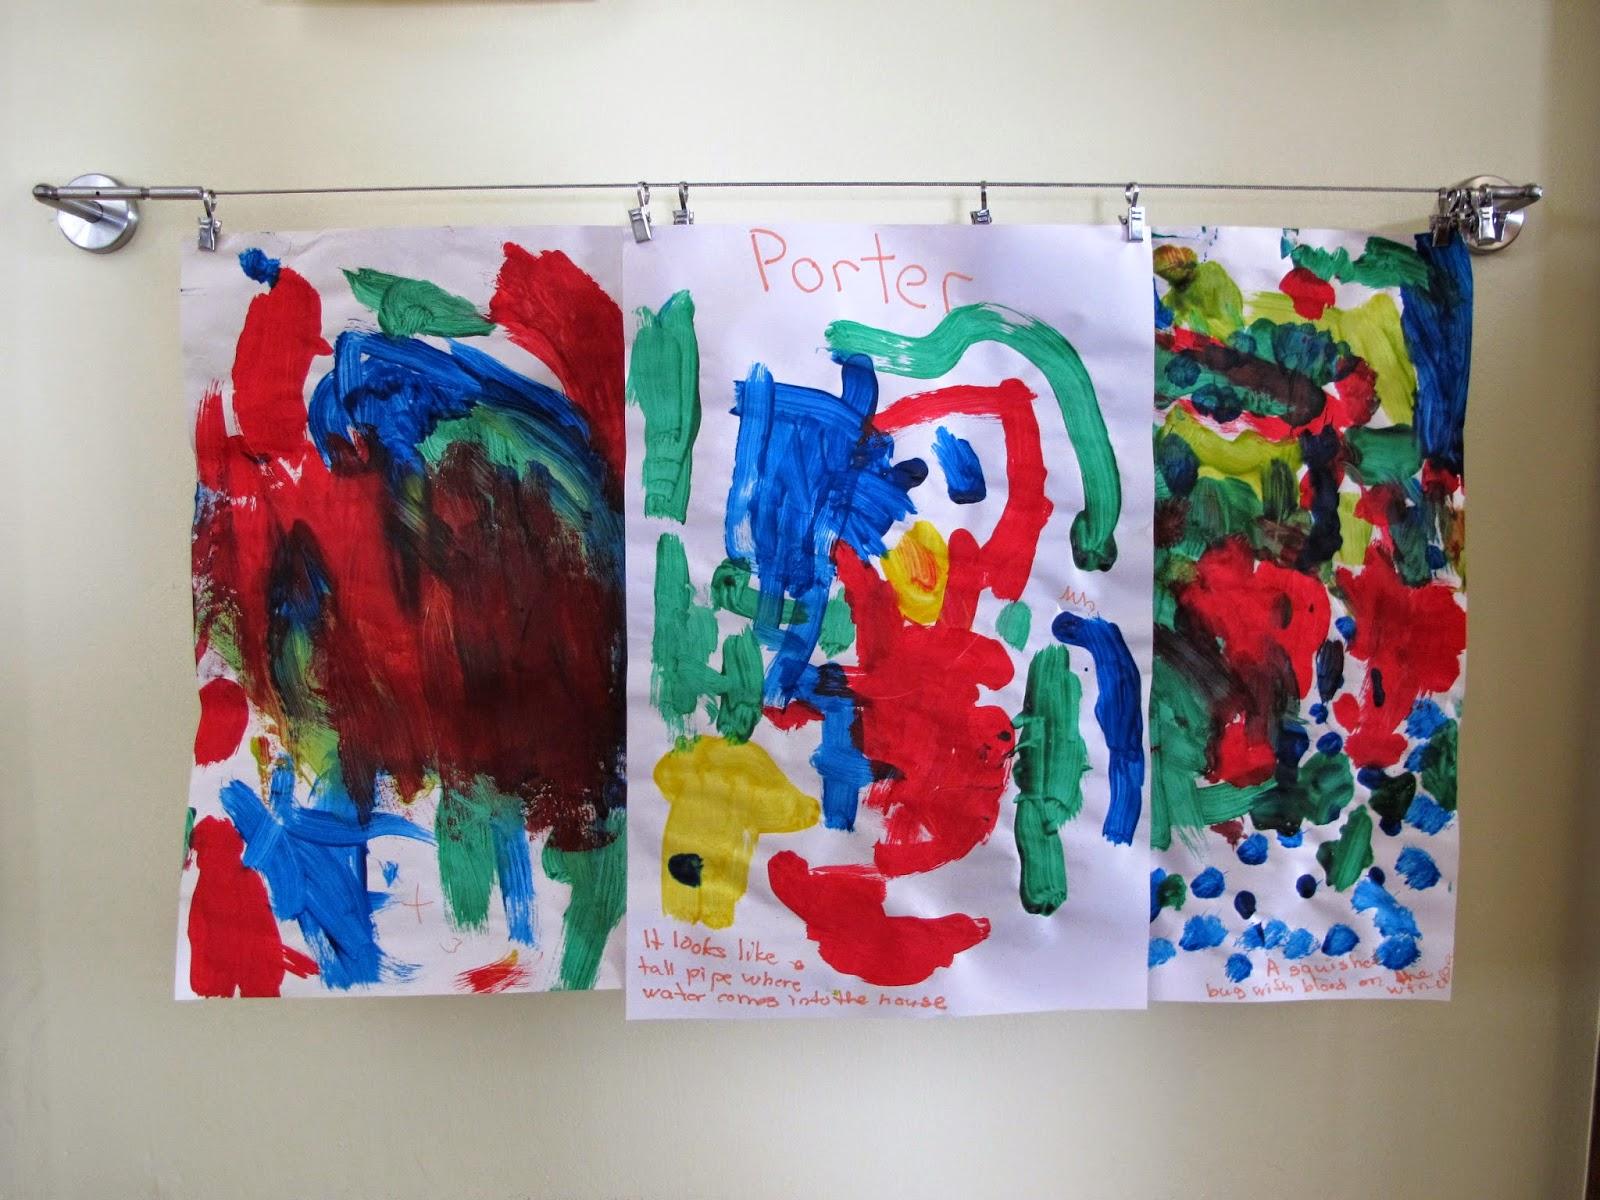 Porter's Masterpieces